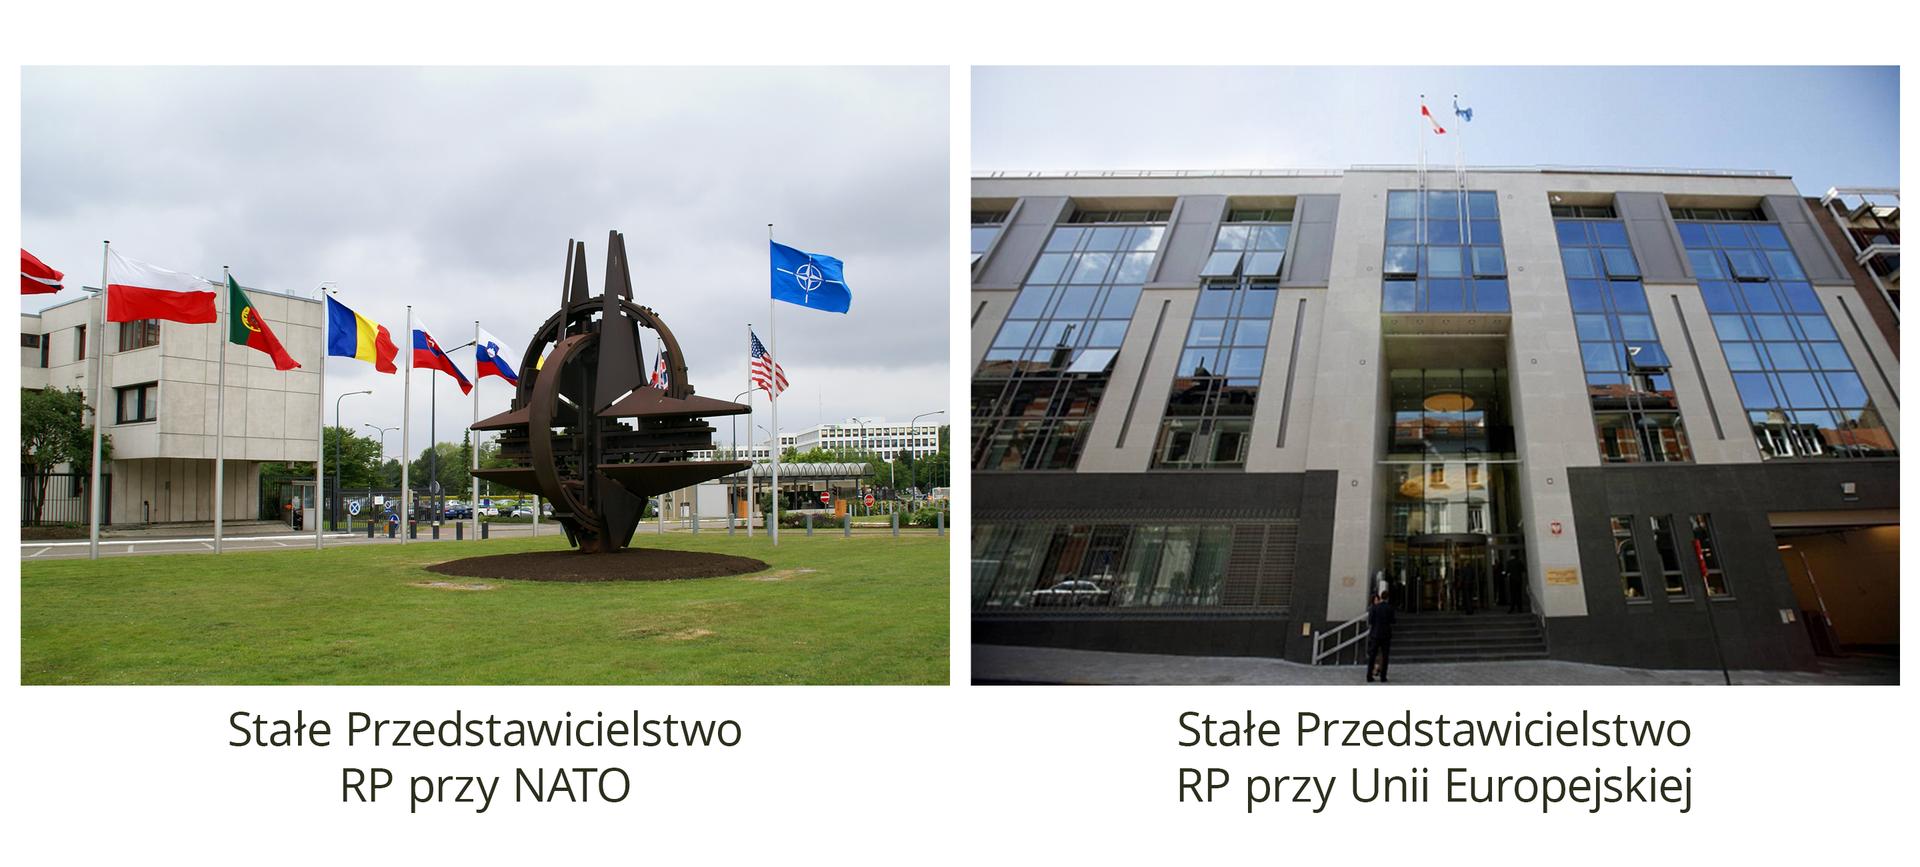 Ilustracja 2 składa się z2 zdjęć ułożonych jedno obok drugiego. Zdjęcie po lewej to Stałe Przedstawicielstwo RP przy NATO. Na pierwszym planie zielony trawnik imetalowy pomnik. Po lewej stronie zdjęcia, wgłębi zdjęcia, dwupiętrowy budynek stałego przedstawicielstwa RP przy NATO. Budynek oprostej prostokątnej bryle. Dach poziomy. Ściany jasne, szare. Wzdłuż chodnika, wokół budynku, flagi wciągnięte na masztach. Od lewej: flaga Polski, następnie inne kraje. Po prawej flagi NATO oraz USA. Zdjęcie po prawej przedstawia Stałe Przedstawicielstwo RP przy Unii Europejskiej. Zdjęcie od dołu. Budynek przedstawiony wperspektywie żabiej. Wysoka fasada budynku zbudowana jest ze szkła ibetonu. Okna 10-piętrowego budynku są usytułowane jedno obok drugiego wpasach po 3 lub 2 okna obok siebie. Pomiędzy każdym ciągiem okien znajduje się pionowy betonowy mur. Na dachu budynku dwie flagi.